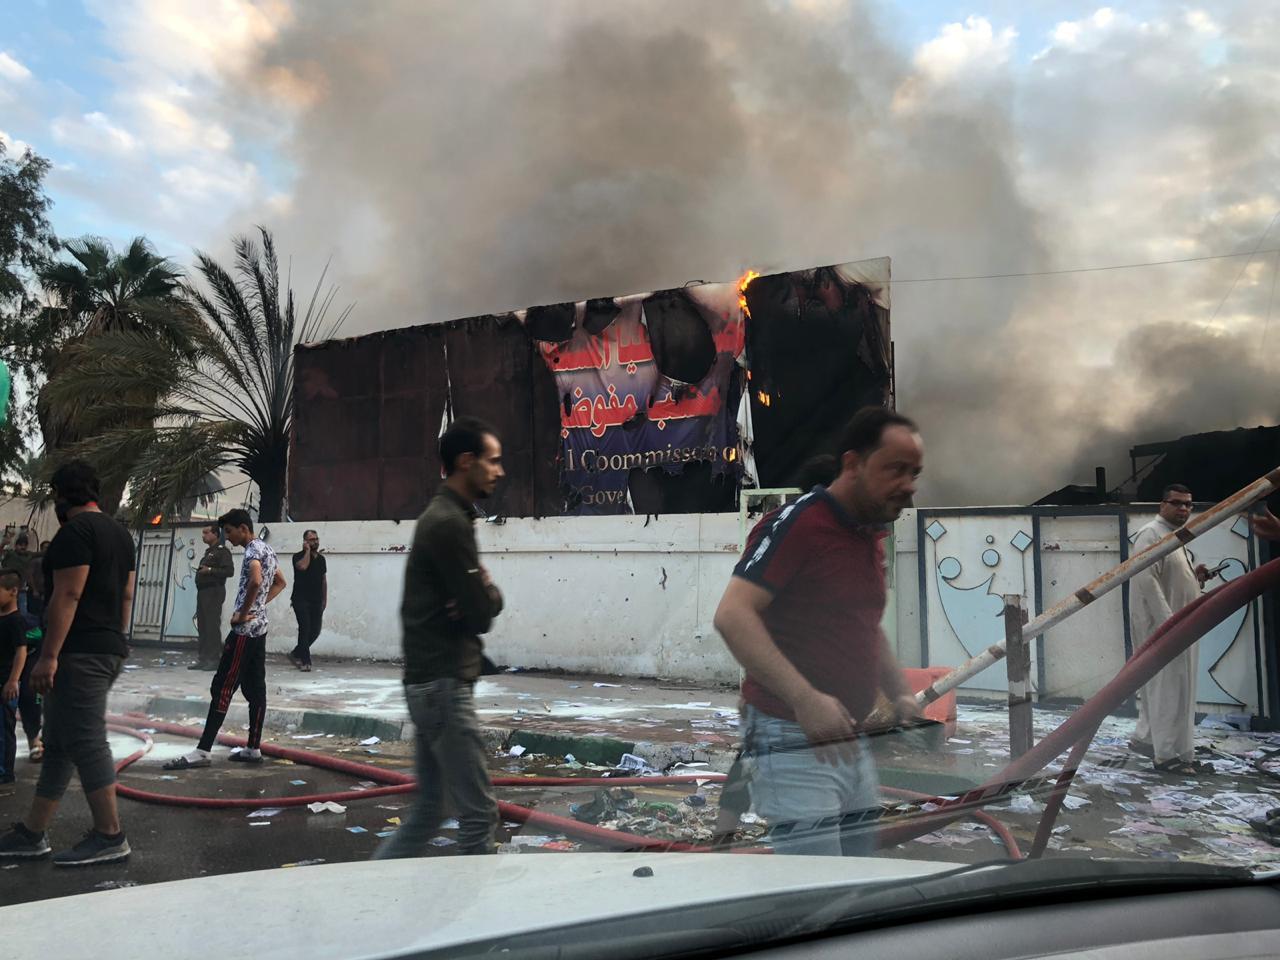 السلطات تفرج عن المتظاهرين المعتقلين في محافظة عراقية